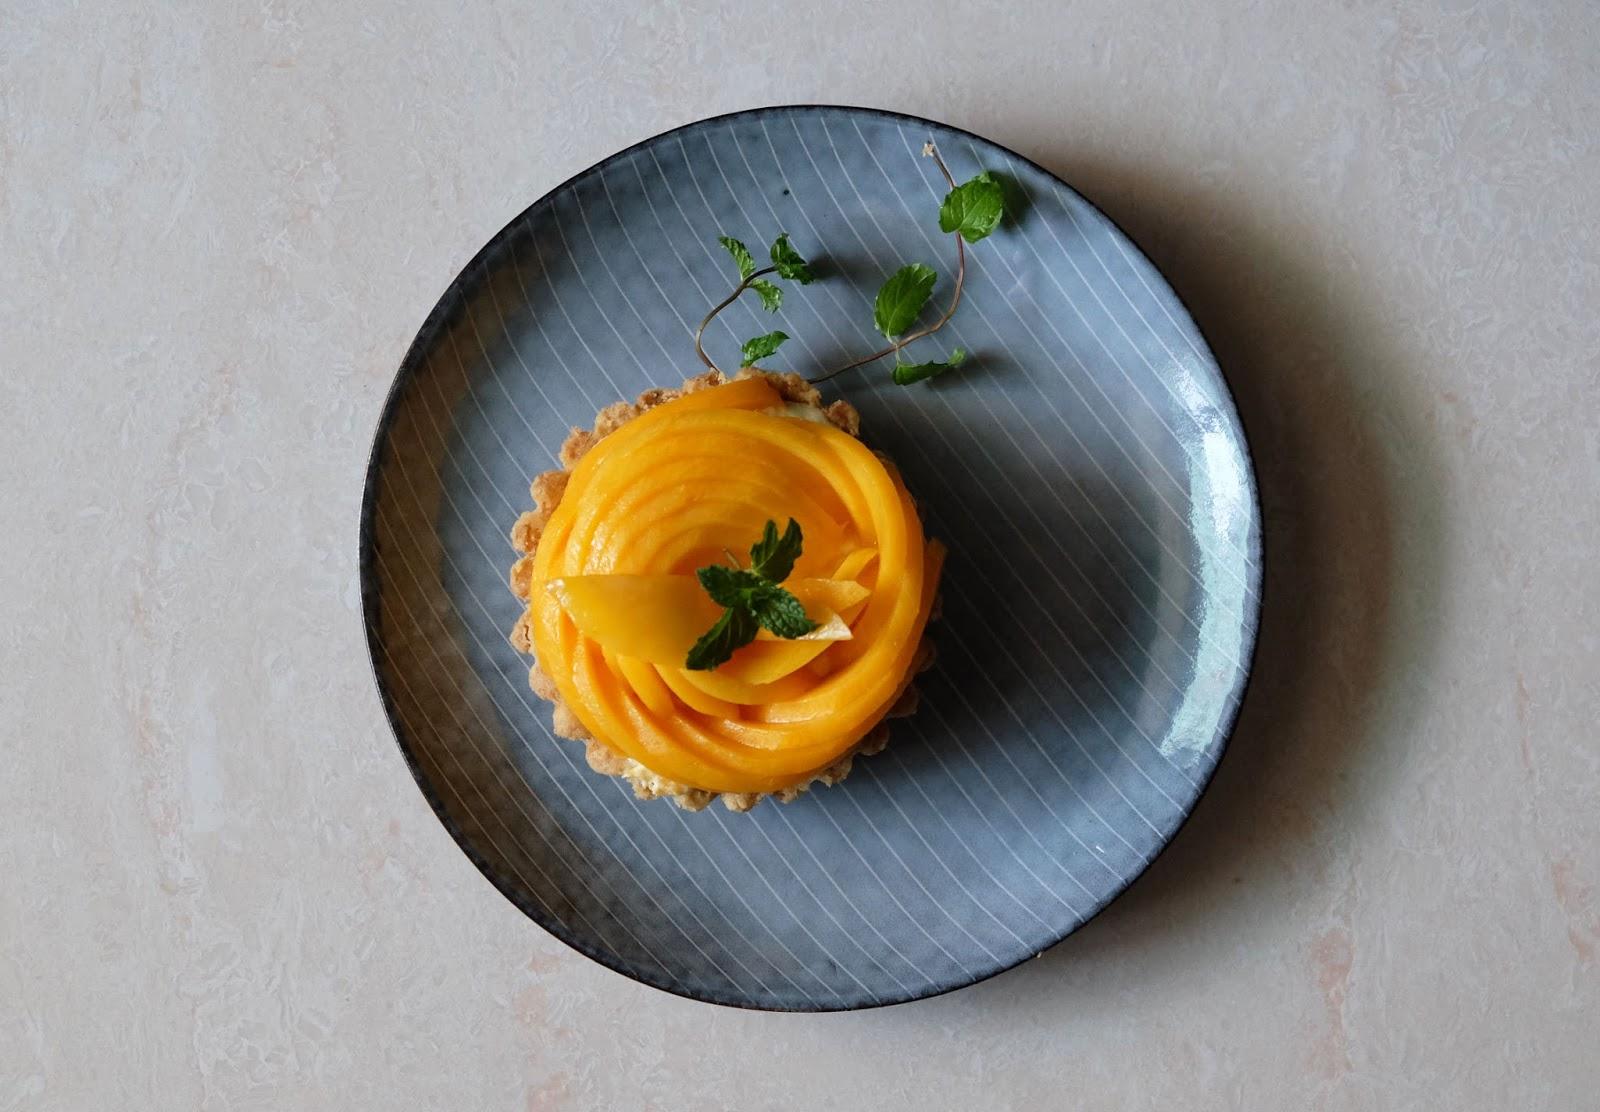 自家廚房|盛夏的果實,遲來的芒果塔(附食譜)